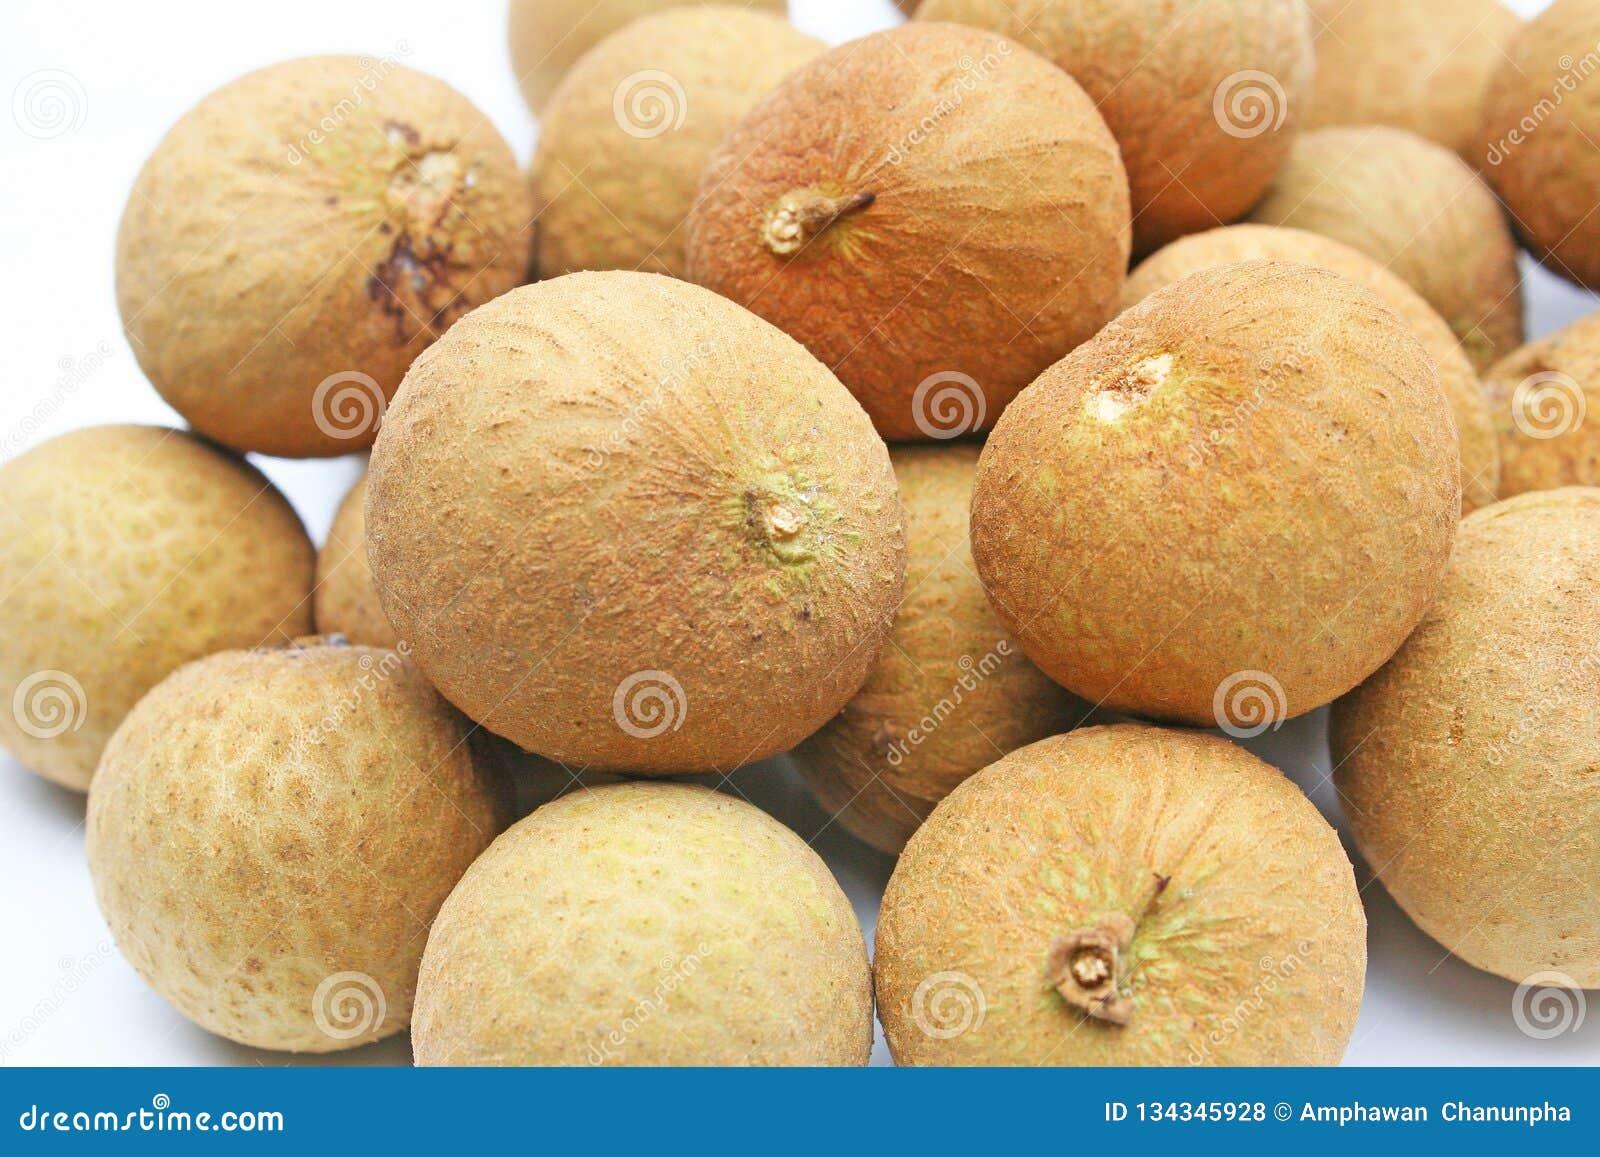 Longan fruit on white plate